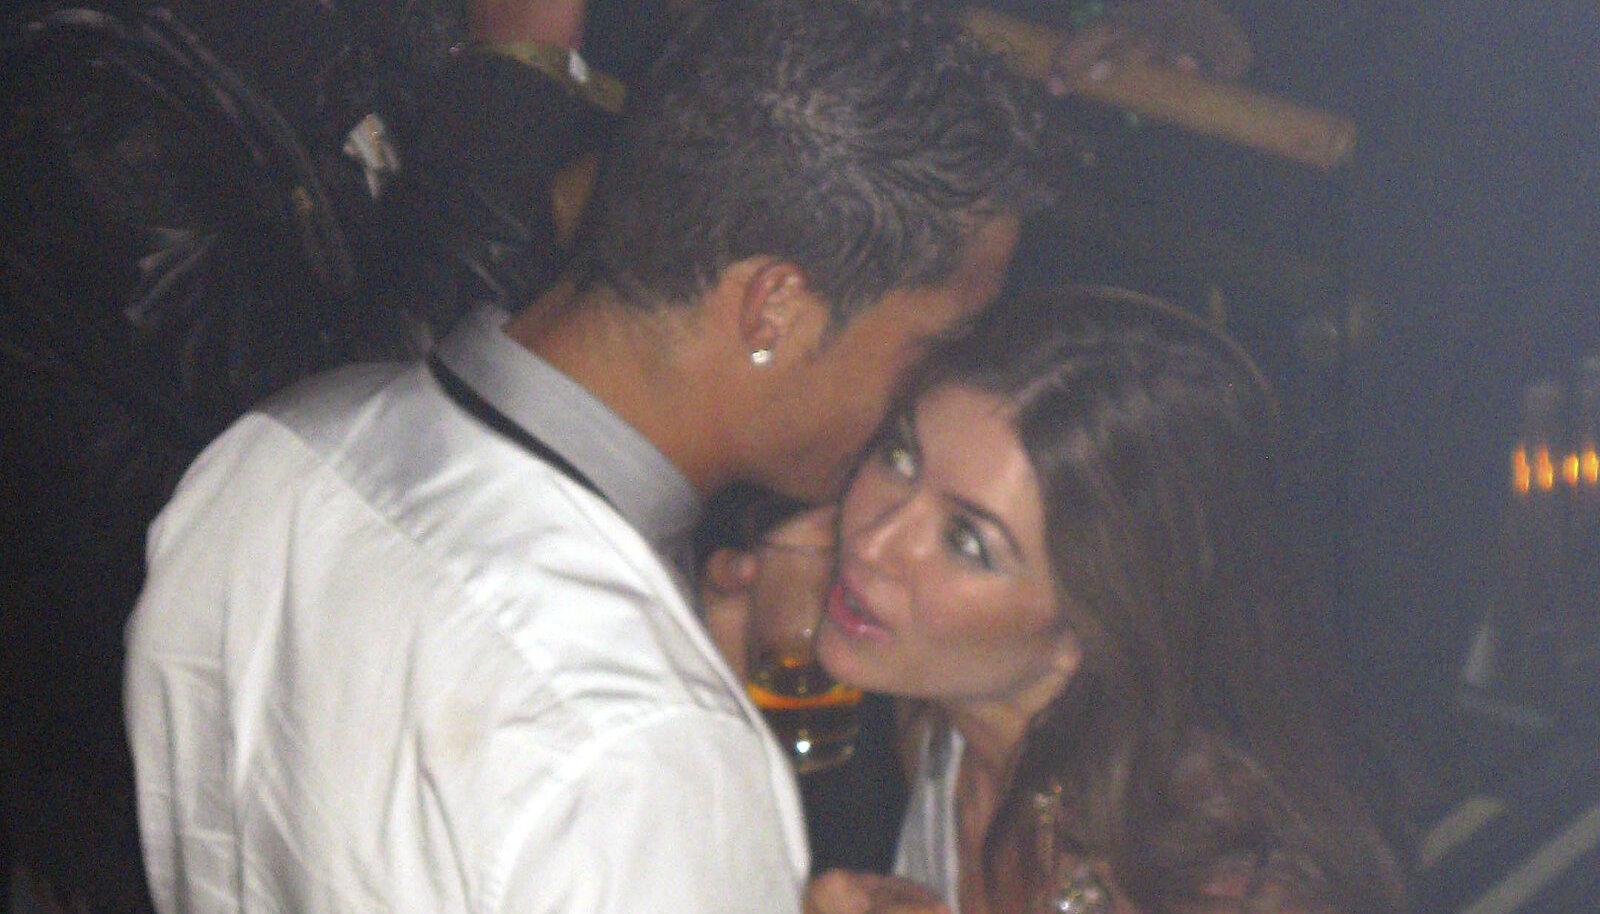 Cristiano Ronaldo ja Kathryn Mayorga 2009. aastal.